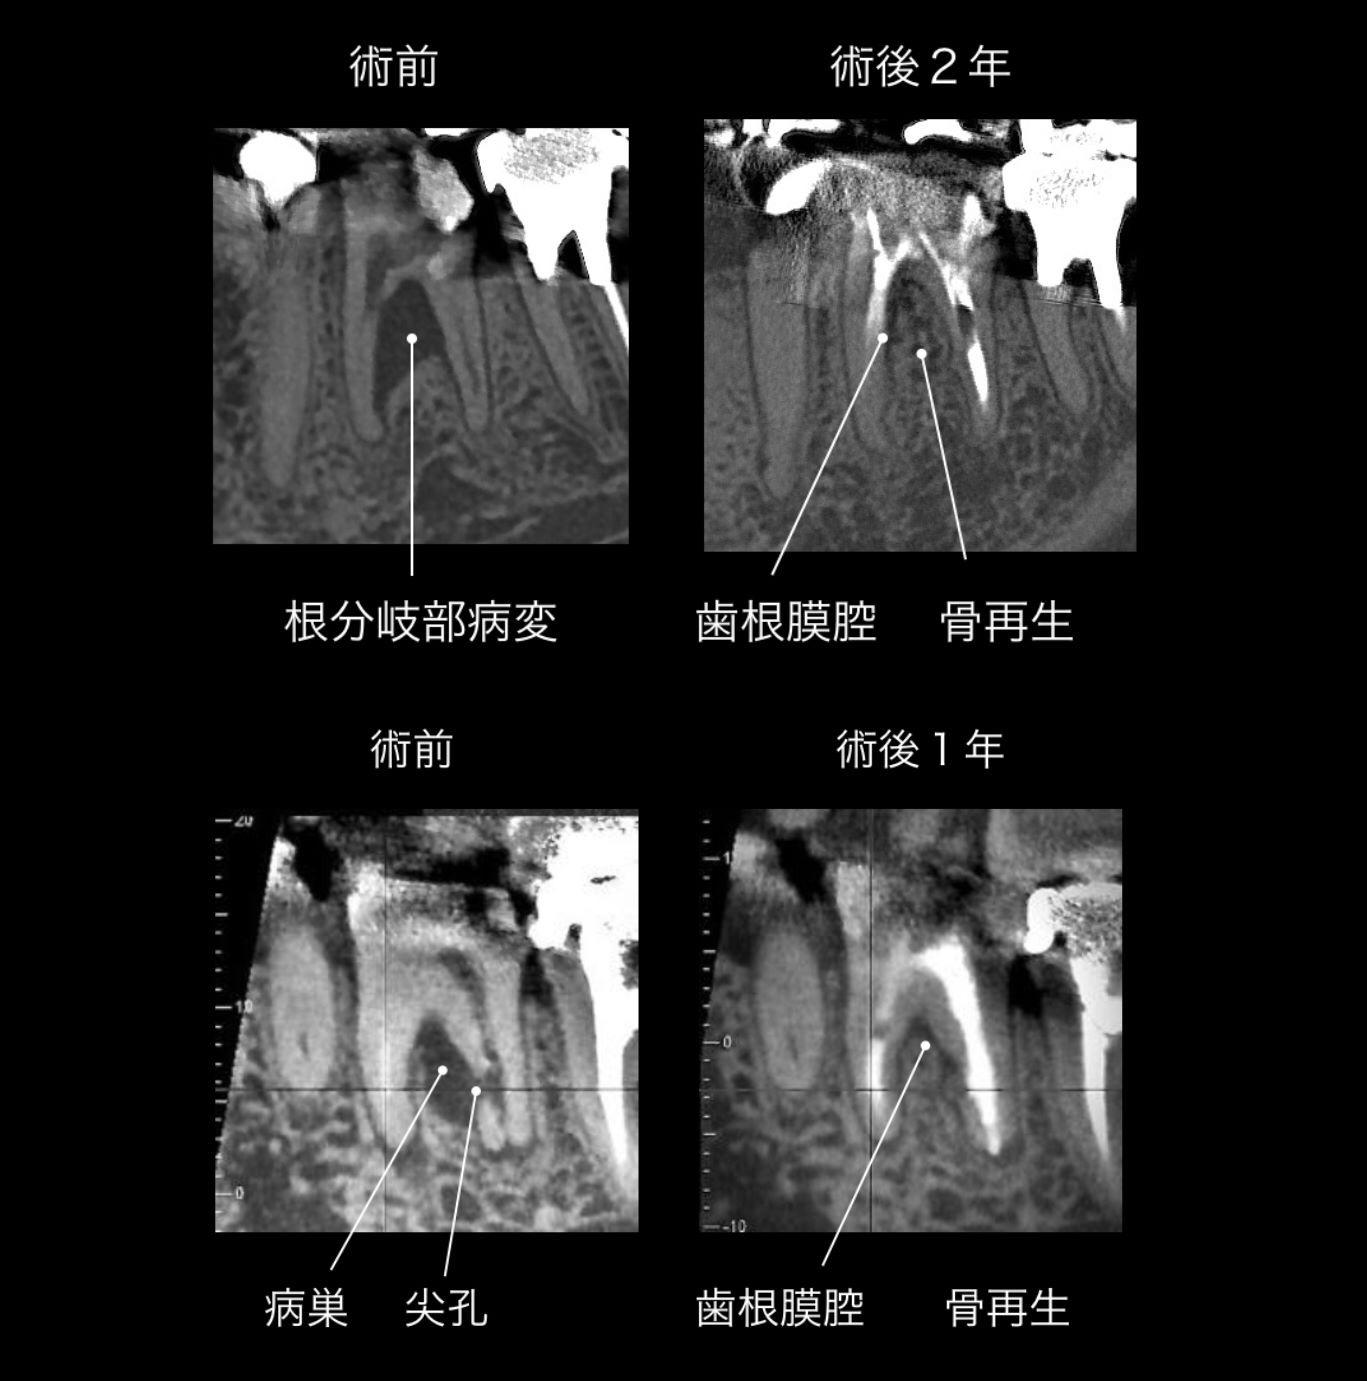 抜かずに残す。今現在の最先端の手法に基づく歯科治療_e0004468_21233749.jpg